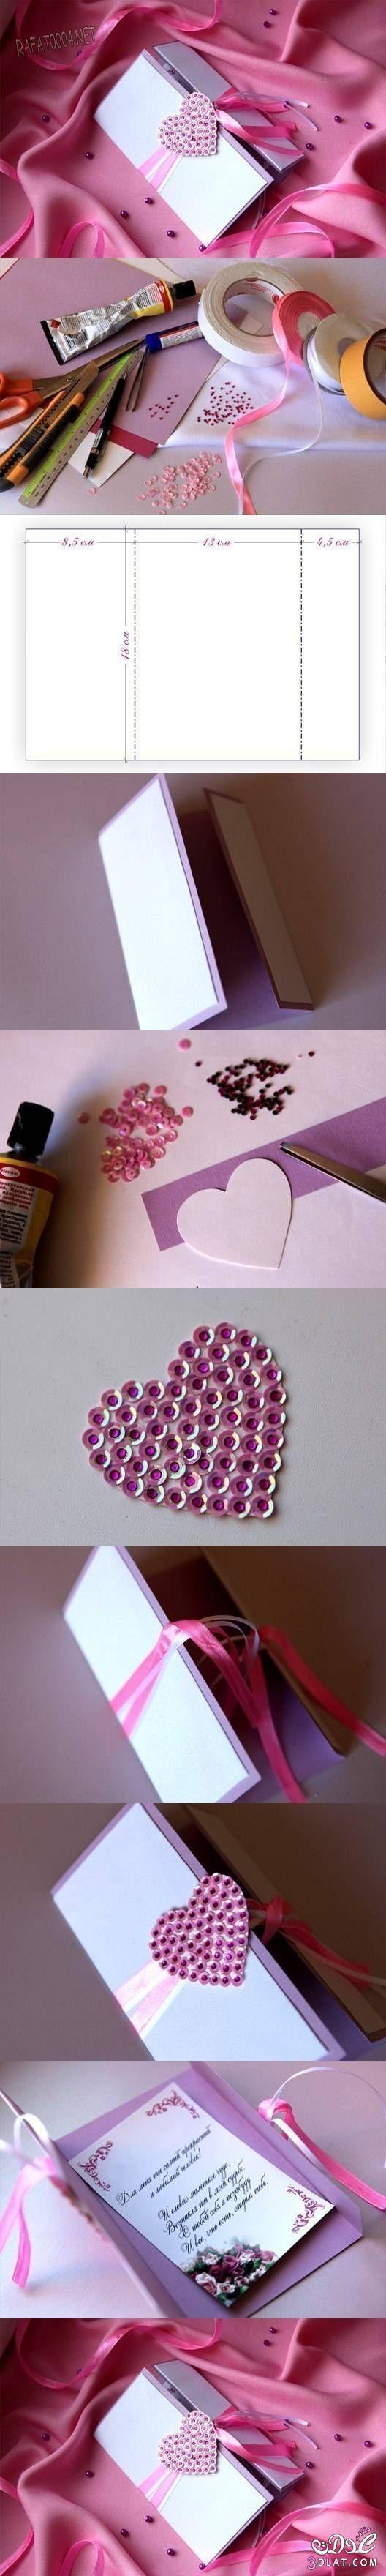 طريقة عمل بطاقات معايدة على شكل قلب 13892057521.jpg